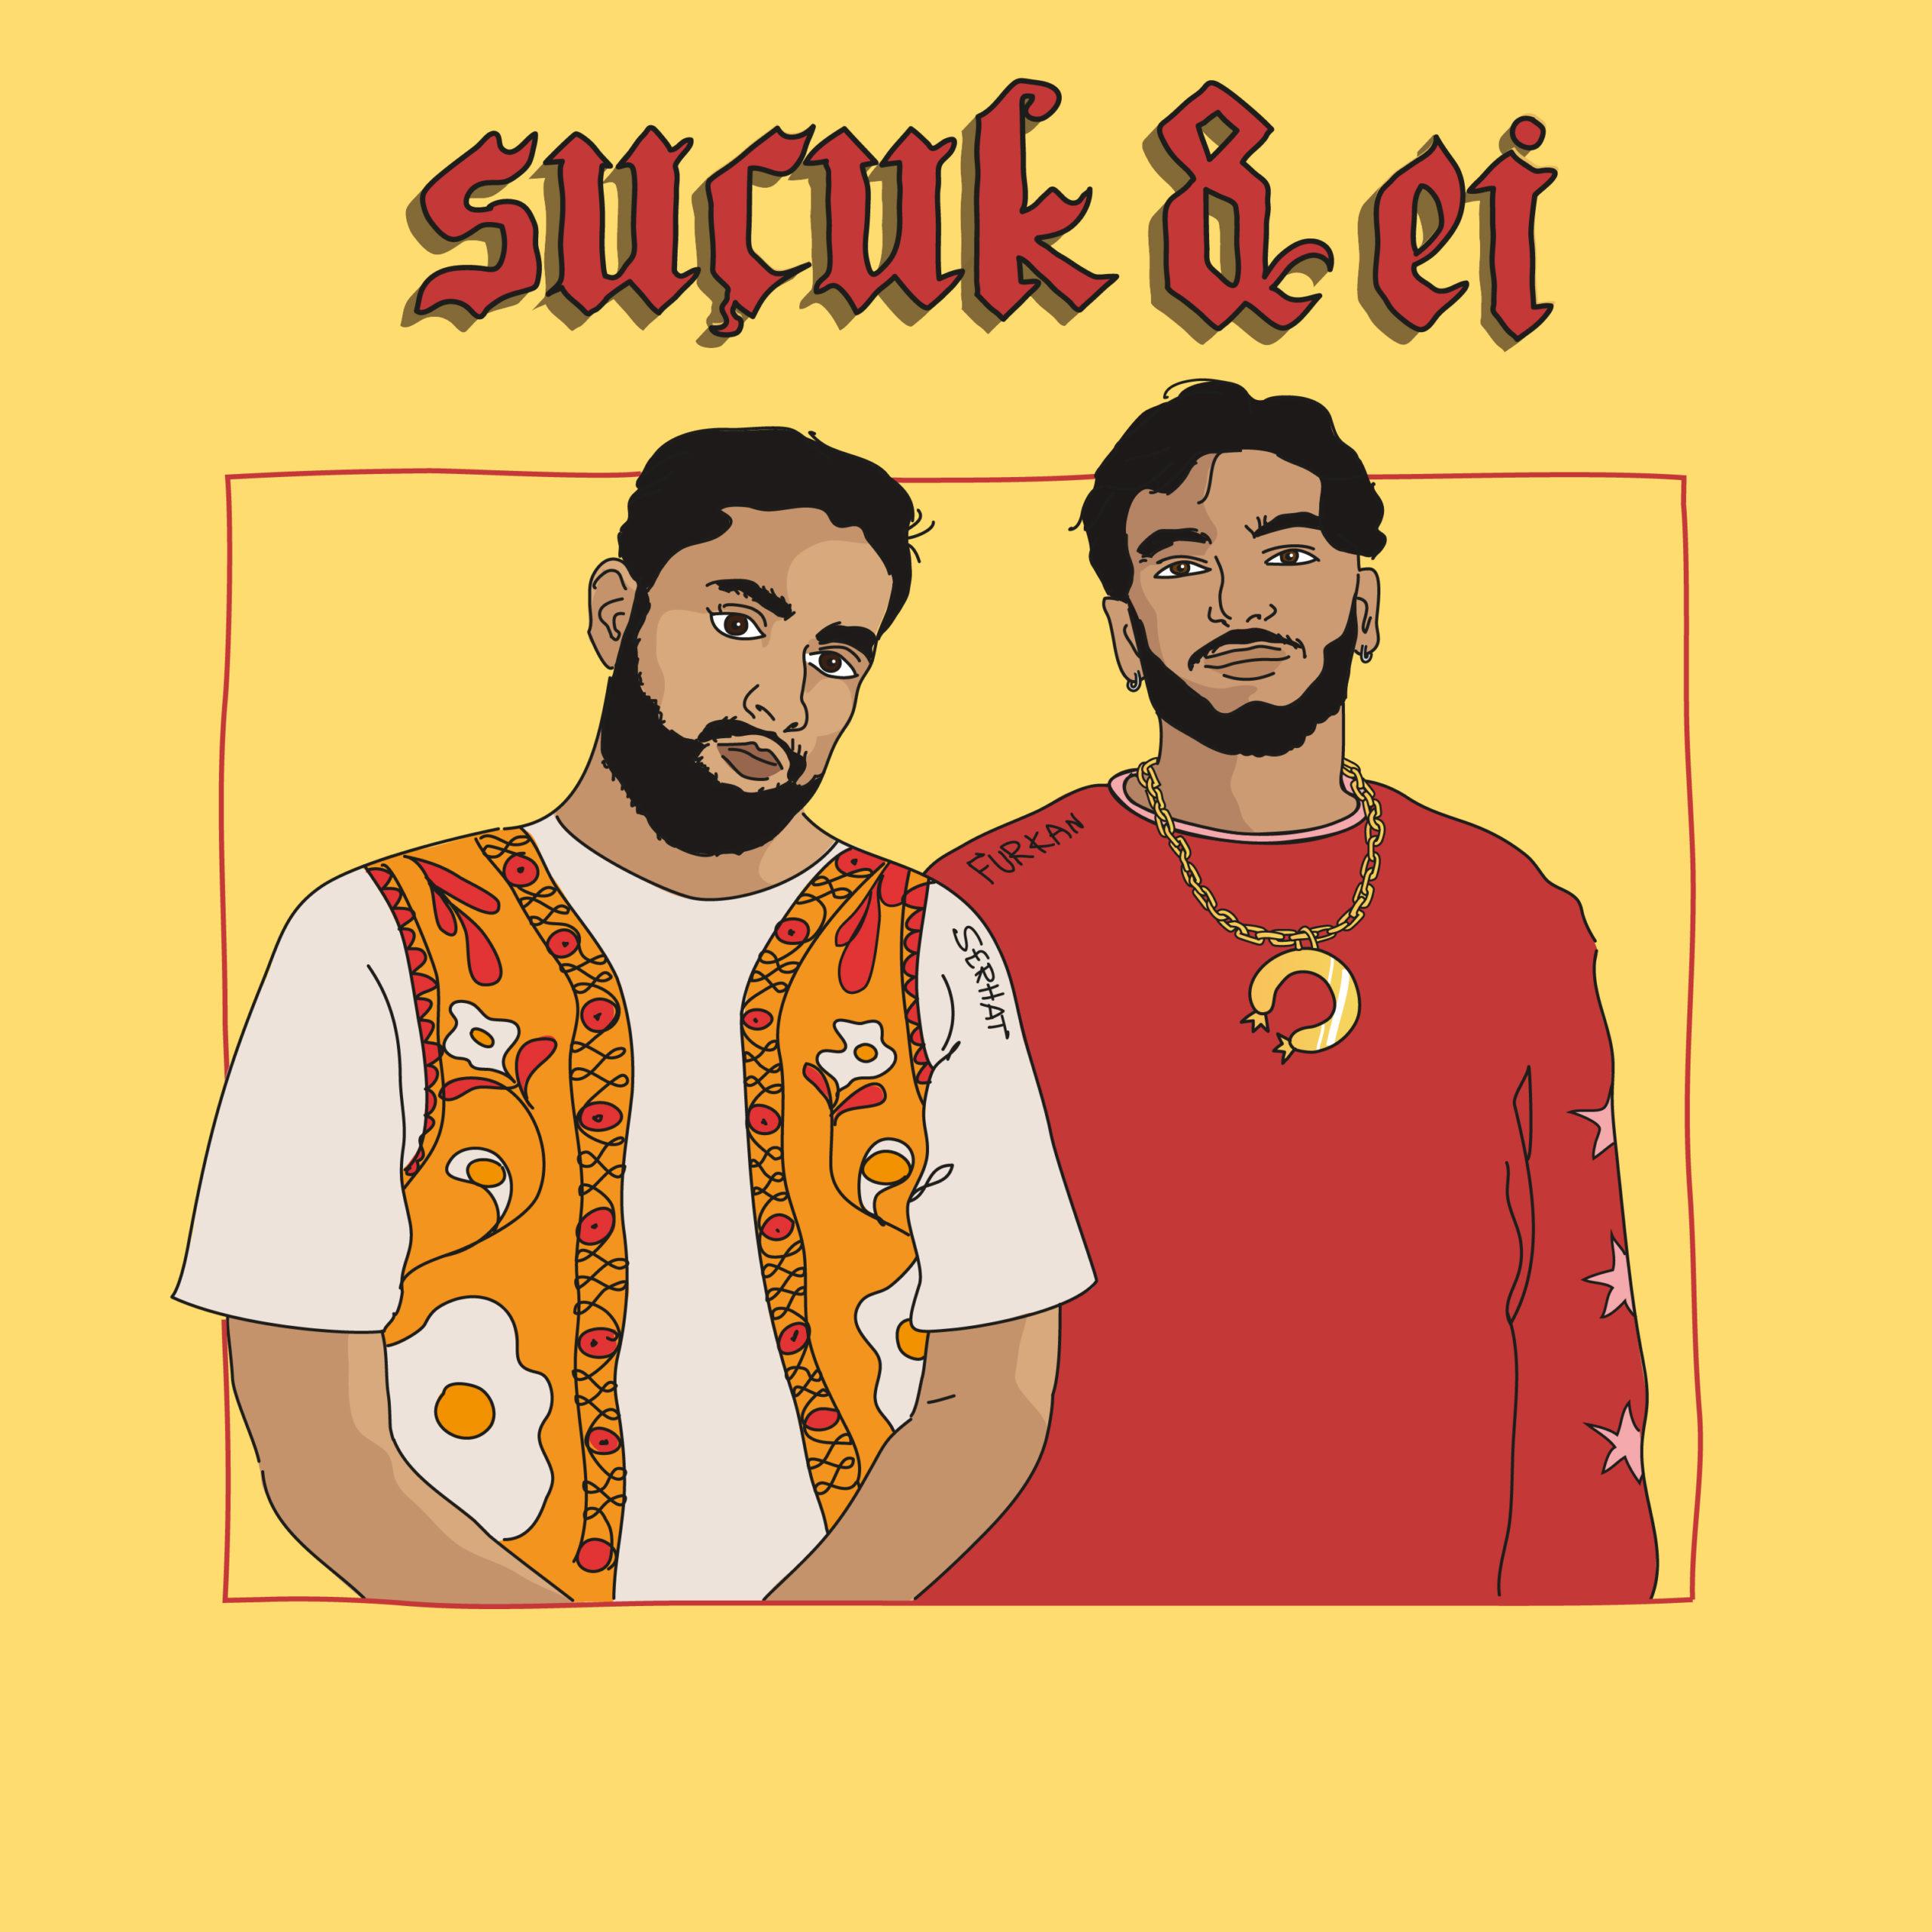 Sucuk&Ei_Illustration_FINAL